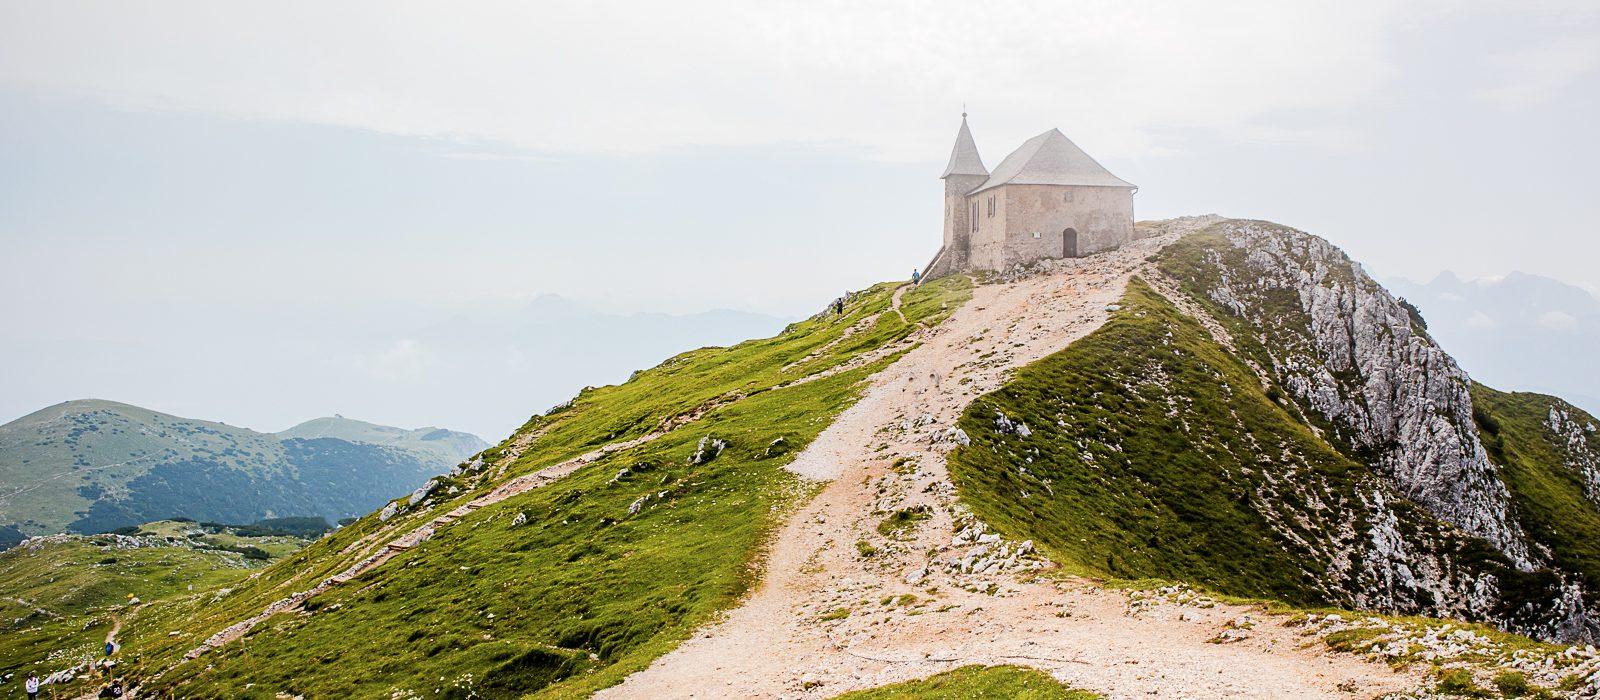 Wir befinden uns auf einem über 2000m hohen Berg. Auf einer Anhöhe steht ein gemauerte Kapelle, hier im Hintergrund zu sehen. Im Vordergrund befindet sich die typisch kurze Wiese und von rechts und links zusammenlaufende Wanderwege. Diese bündeln sich hin zur Kapelle. Ganz hinten sind Silhouetten einiger Berge zu sehen.